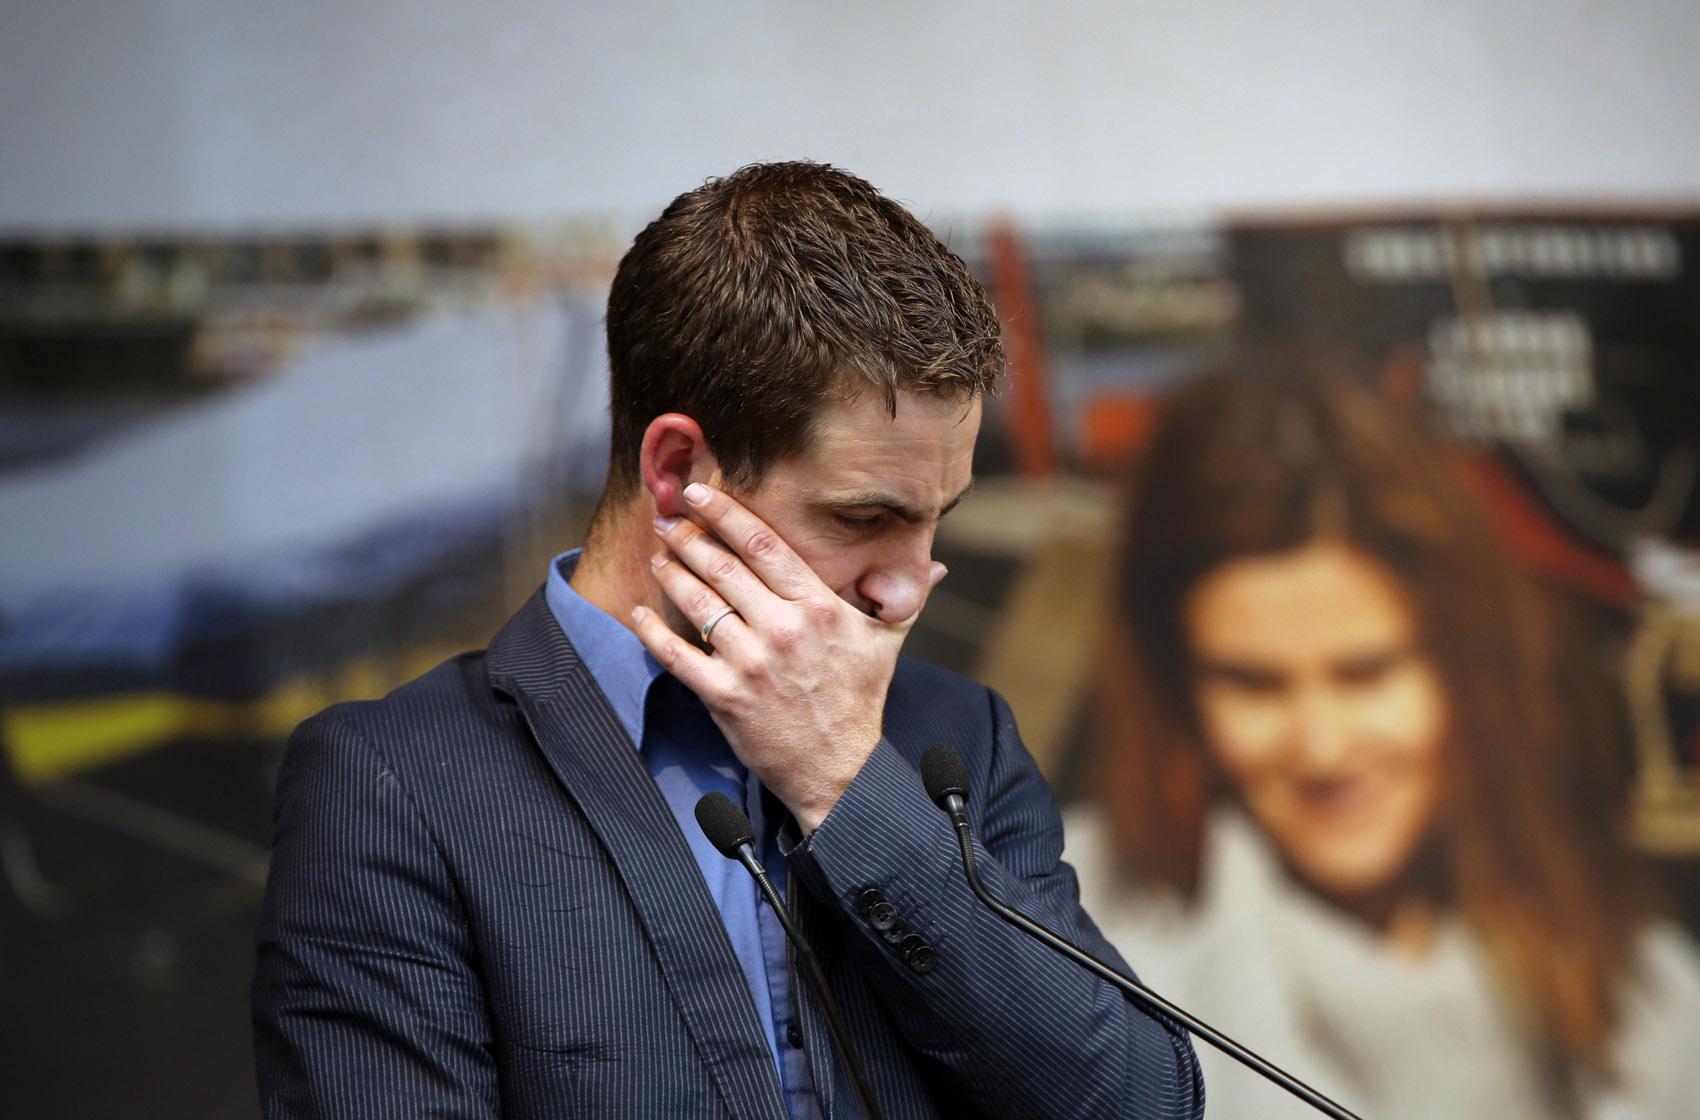 Brendan Cox, viúvo da parlamentar britânica Jo Cox, assassinada na quinta (16), discursa durante encontro para celebrar a vida  de Jo na Trafalgar Square em Londres, na Inglaterra. Ela foi esfaqueada e baleada após defender a causa dos refugiados sírios